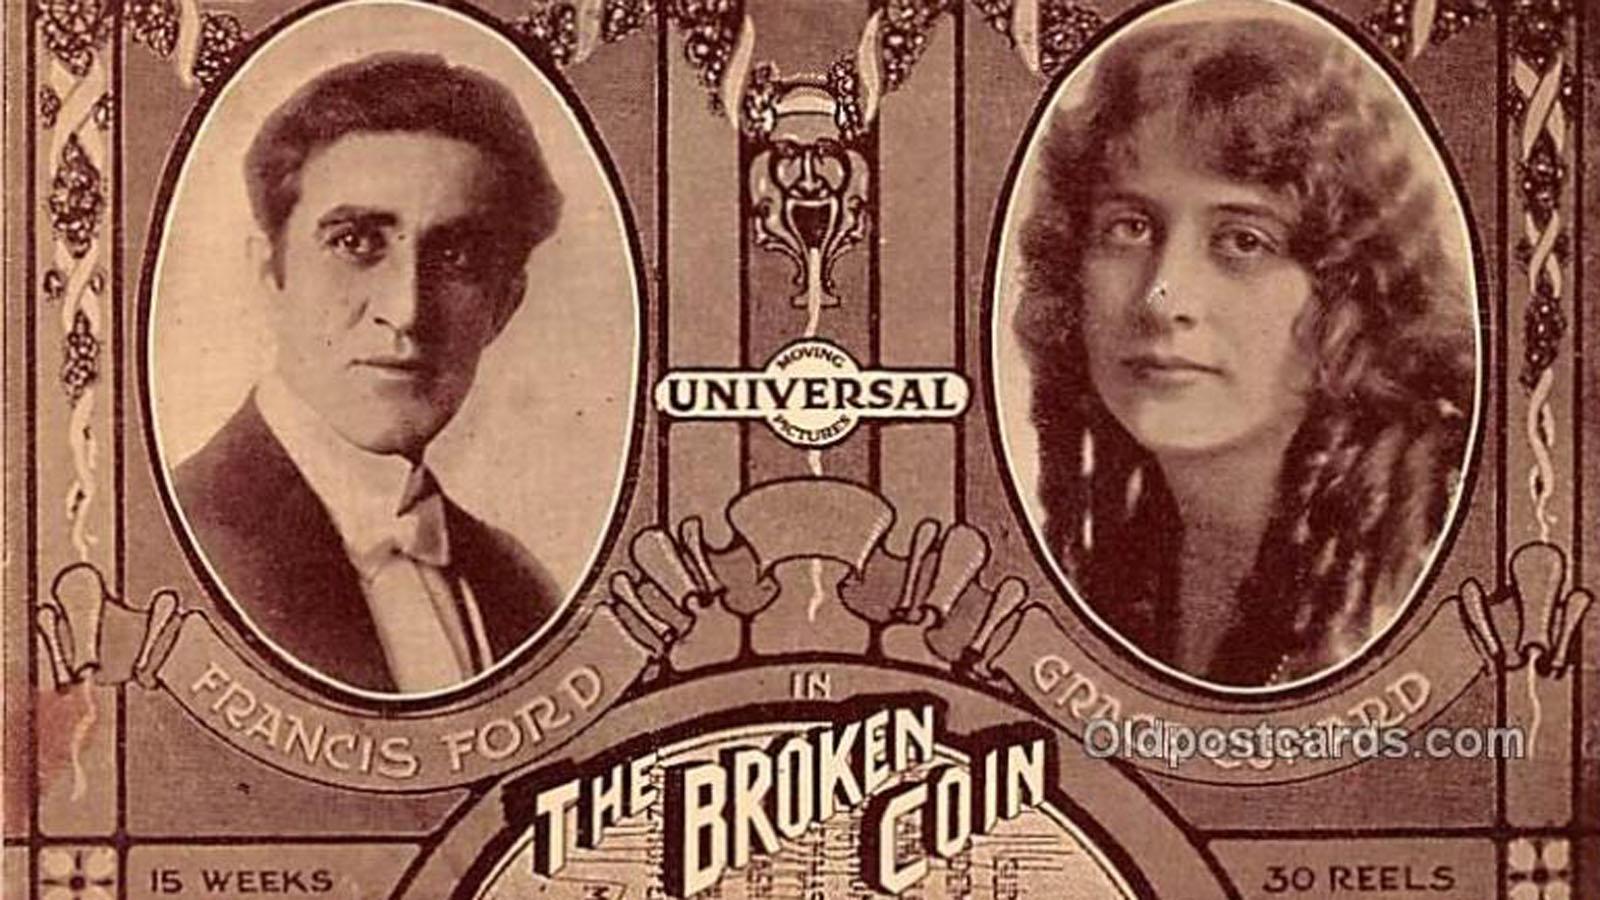 The Broken Coin